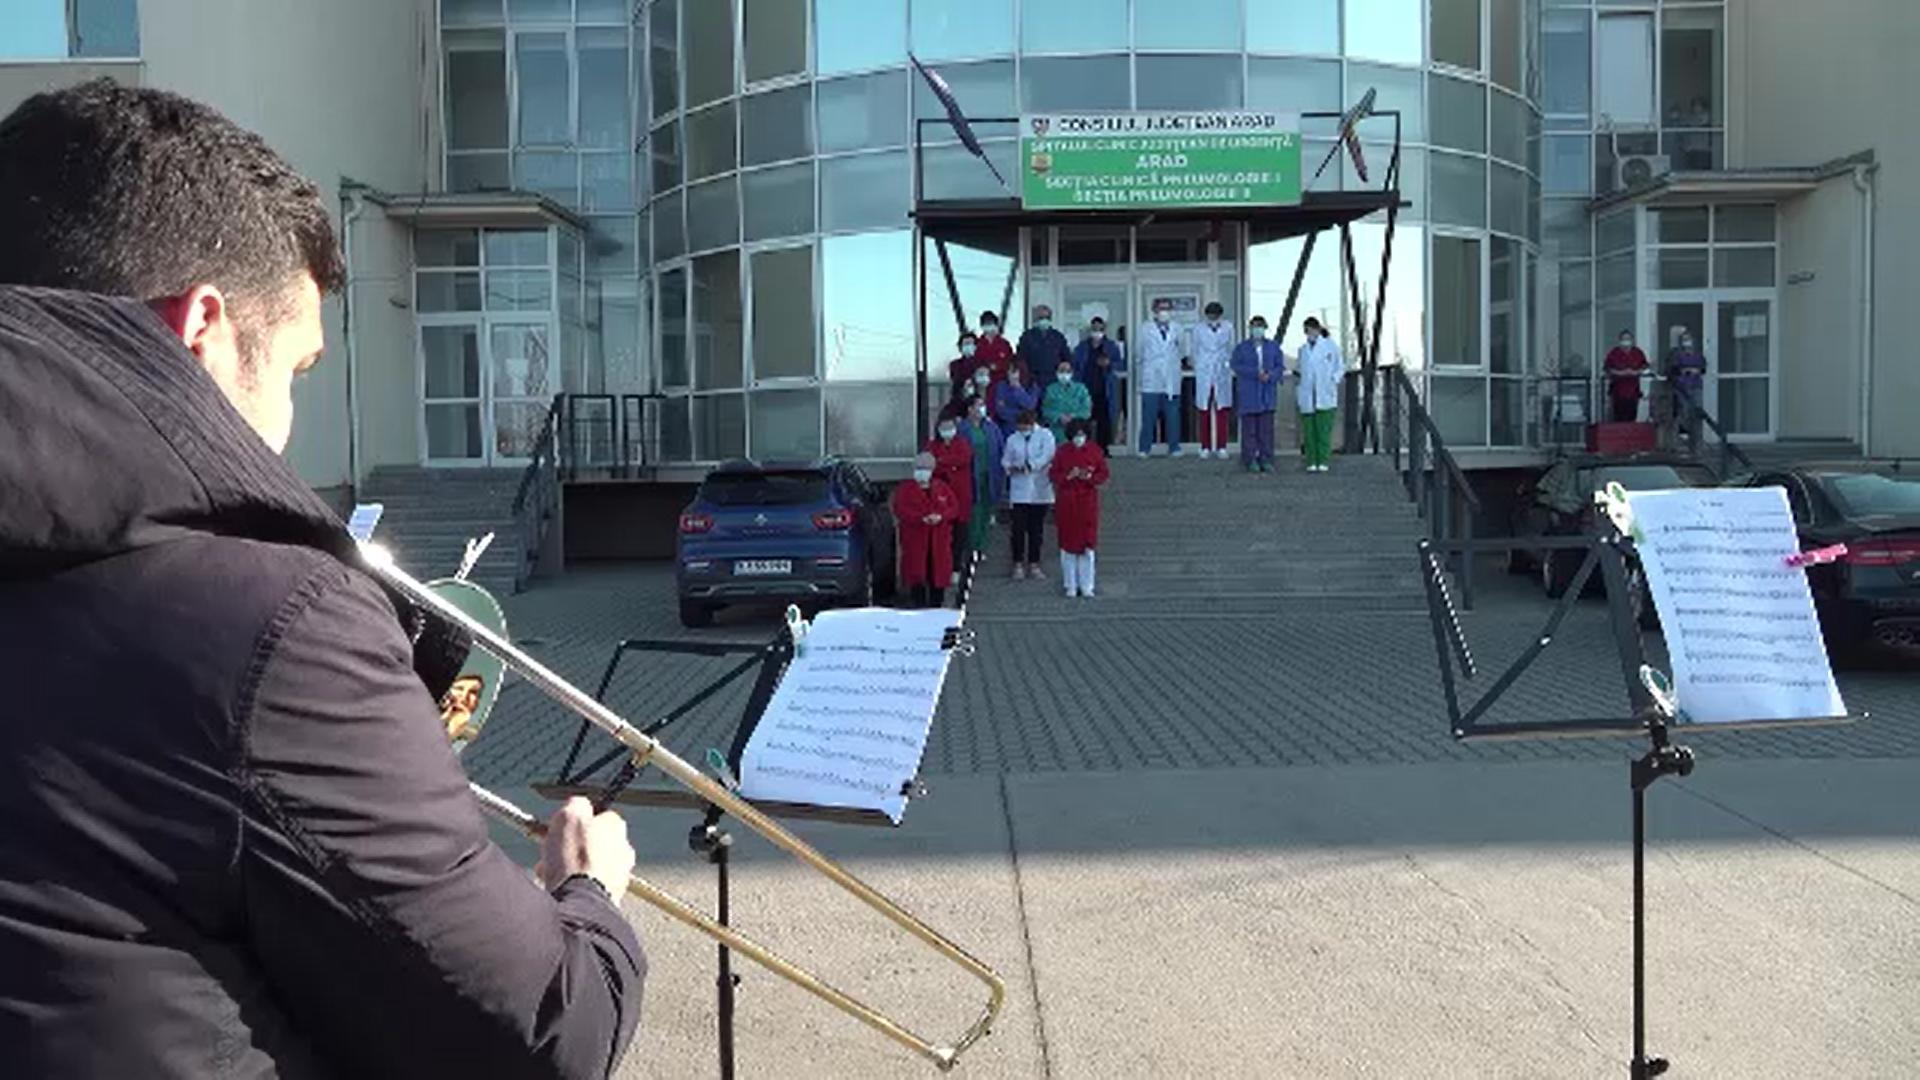 Cinci tineri muzicieni ai filarmonicii Arad au susținut un recital în curtea secțiilor COVID din oraș